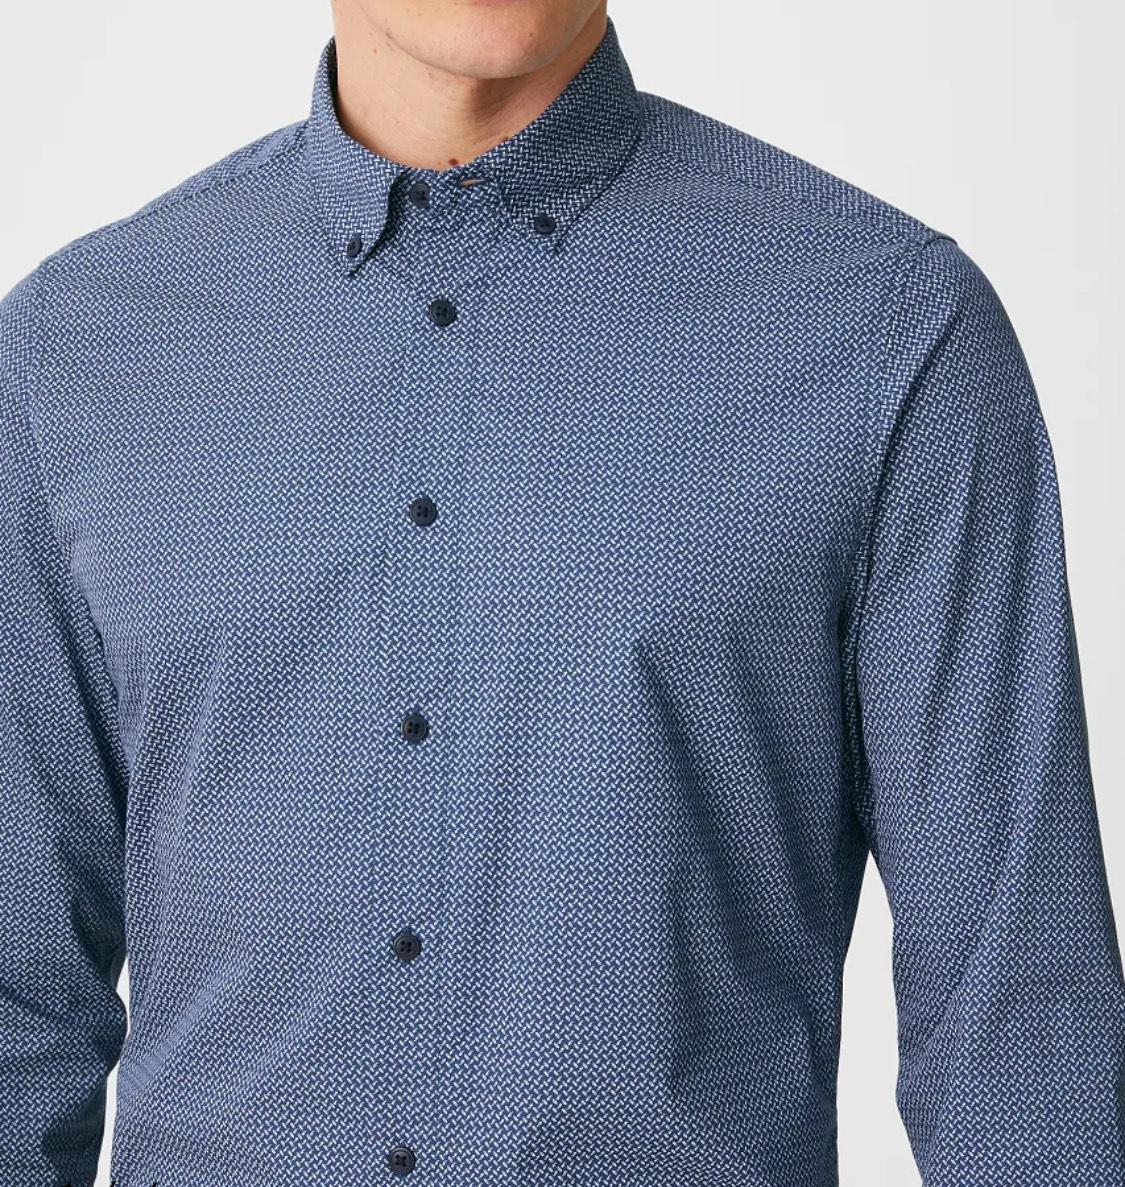 Camisa slim fit hombre tallas de la S a XXL (precio en la cesta, también en celeste) Envío a tienda gratis.